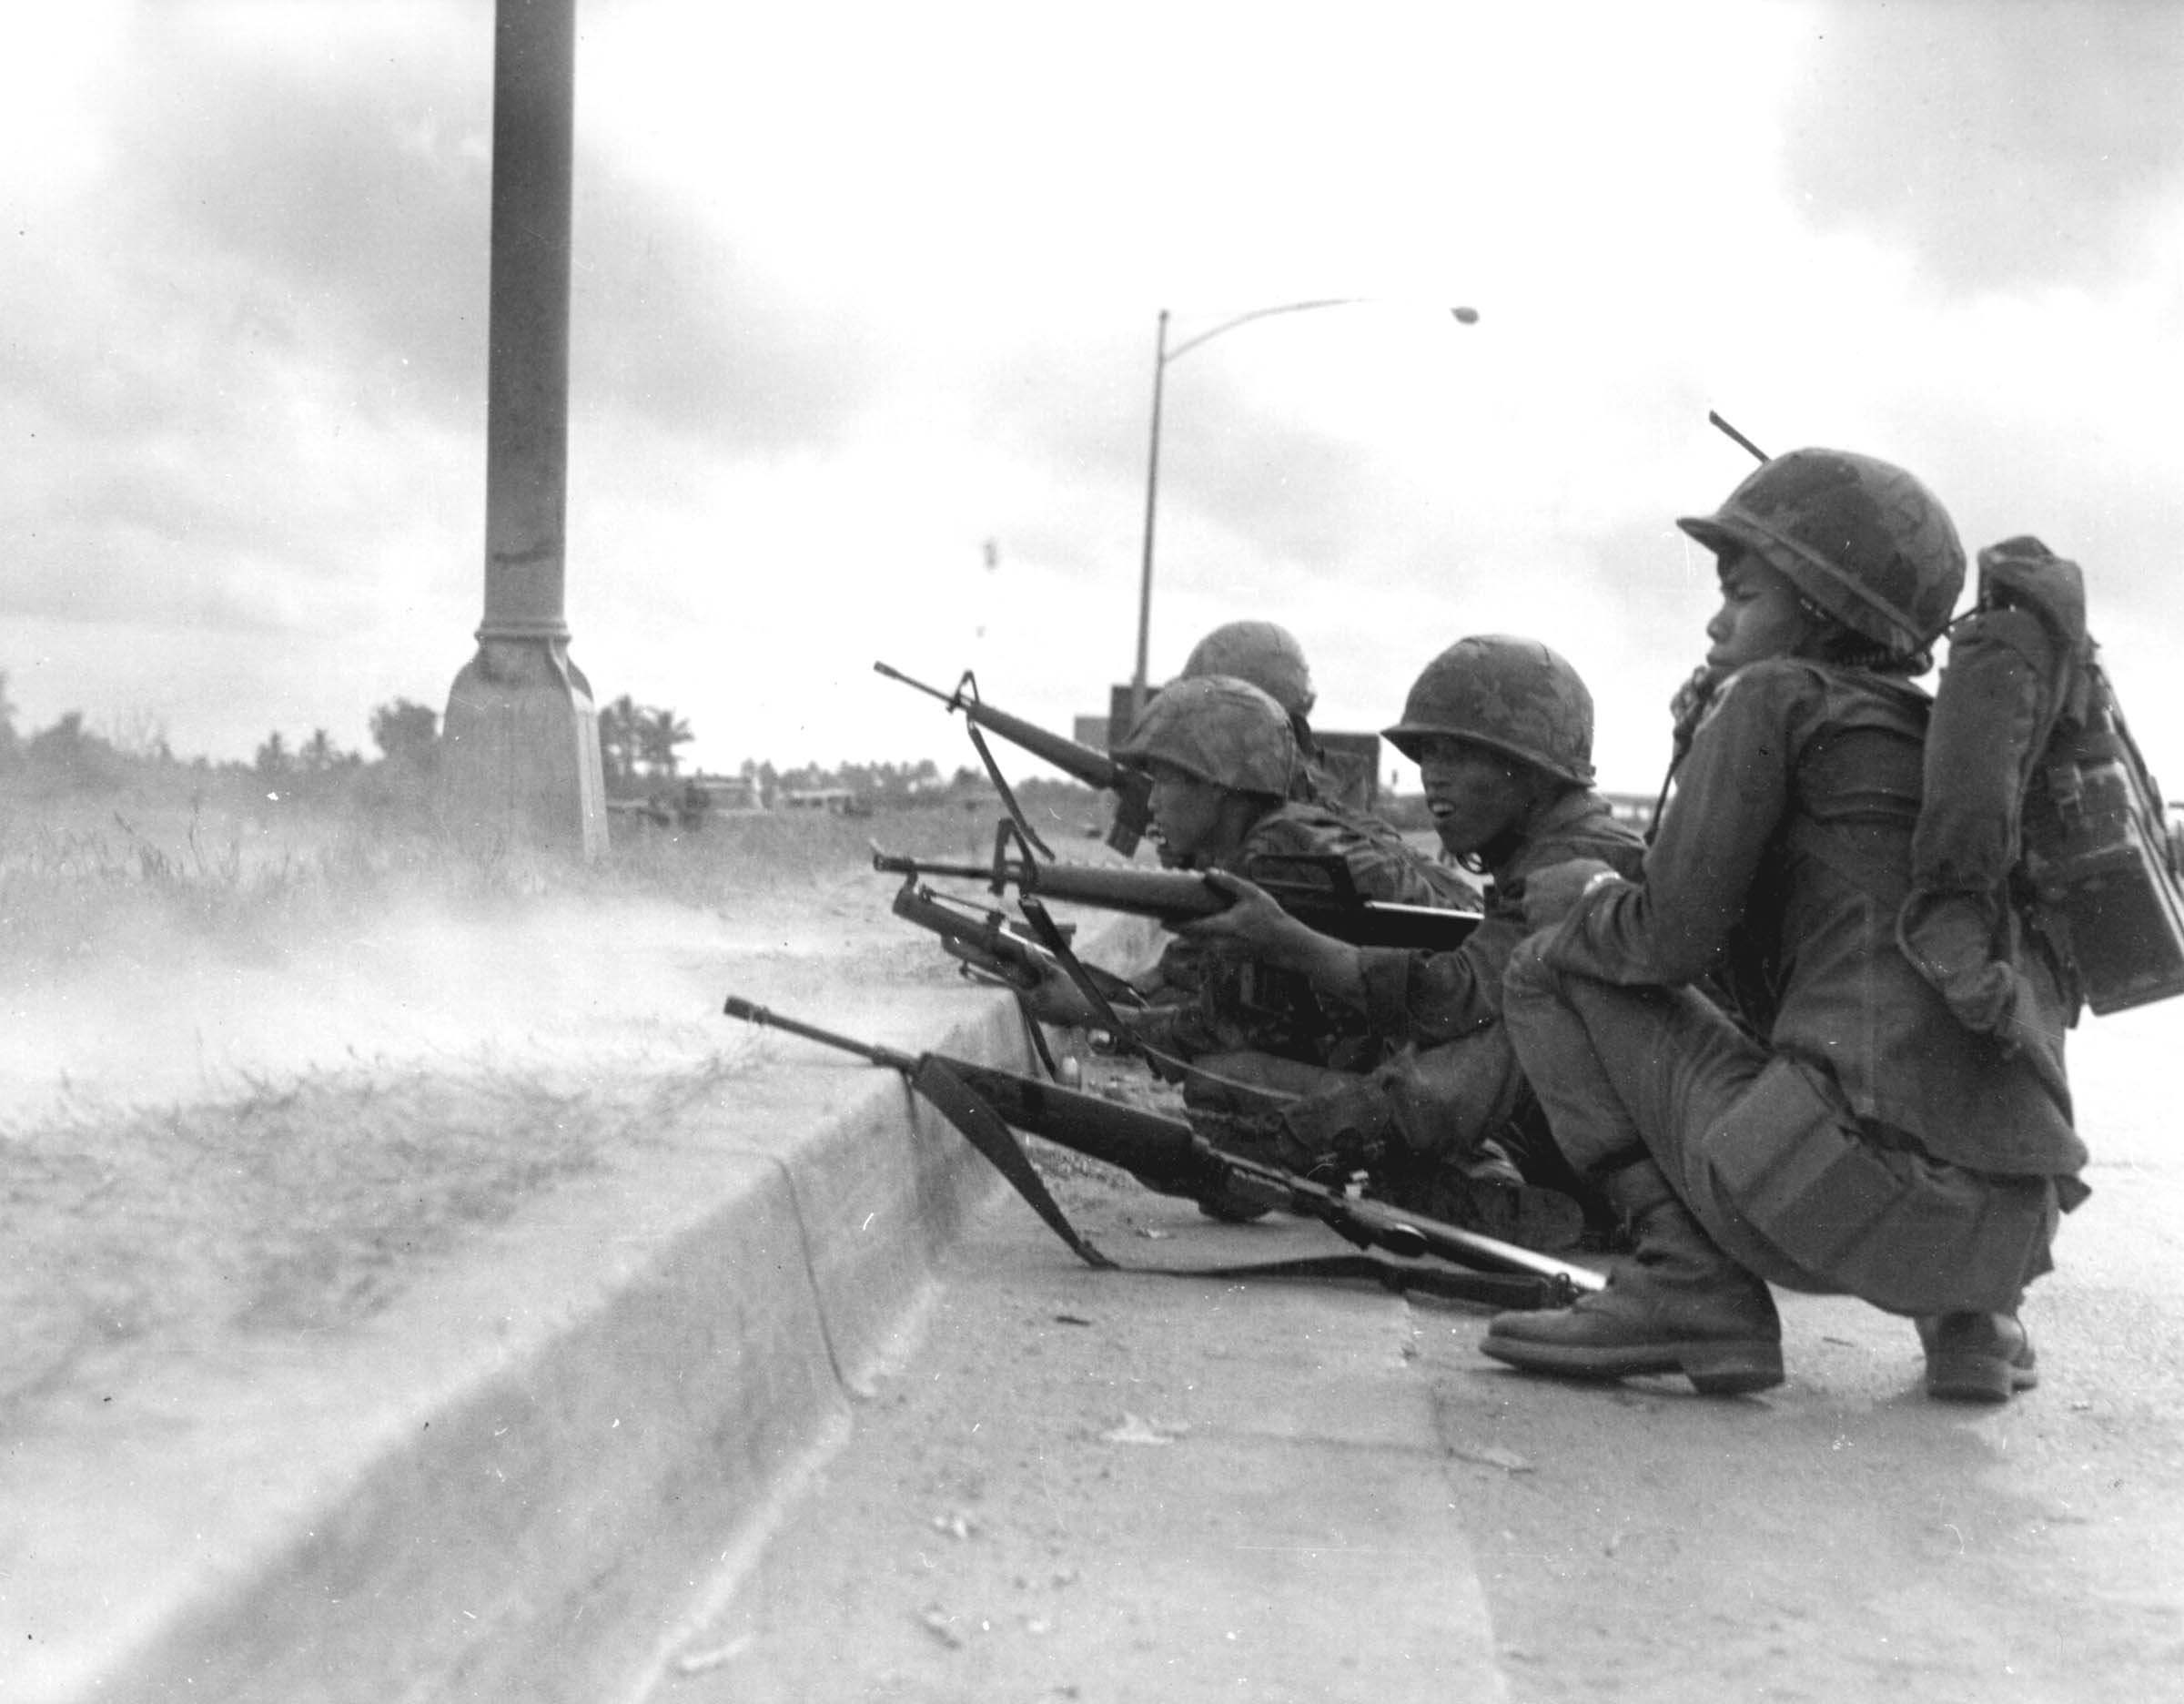 Soldados del ARVN durante la Ofensiva del Tet, 1968.